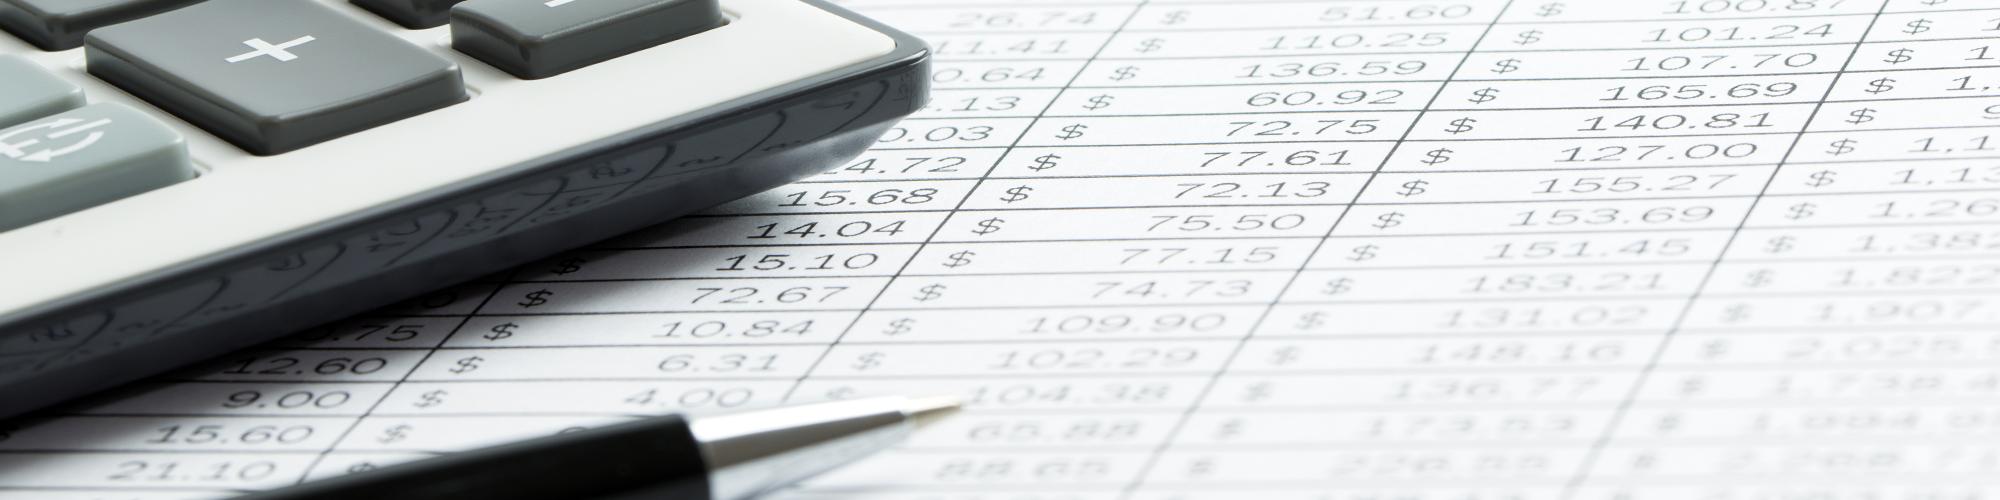 credit score repair calculator